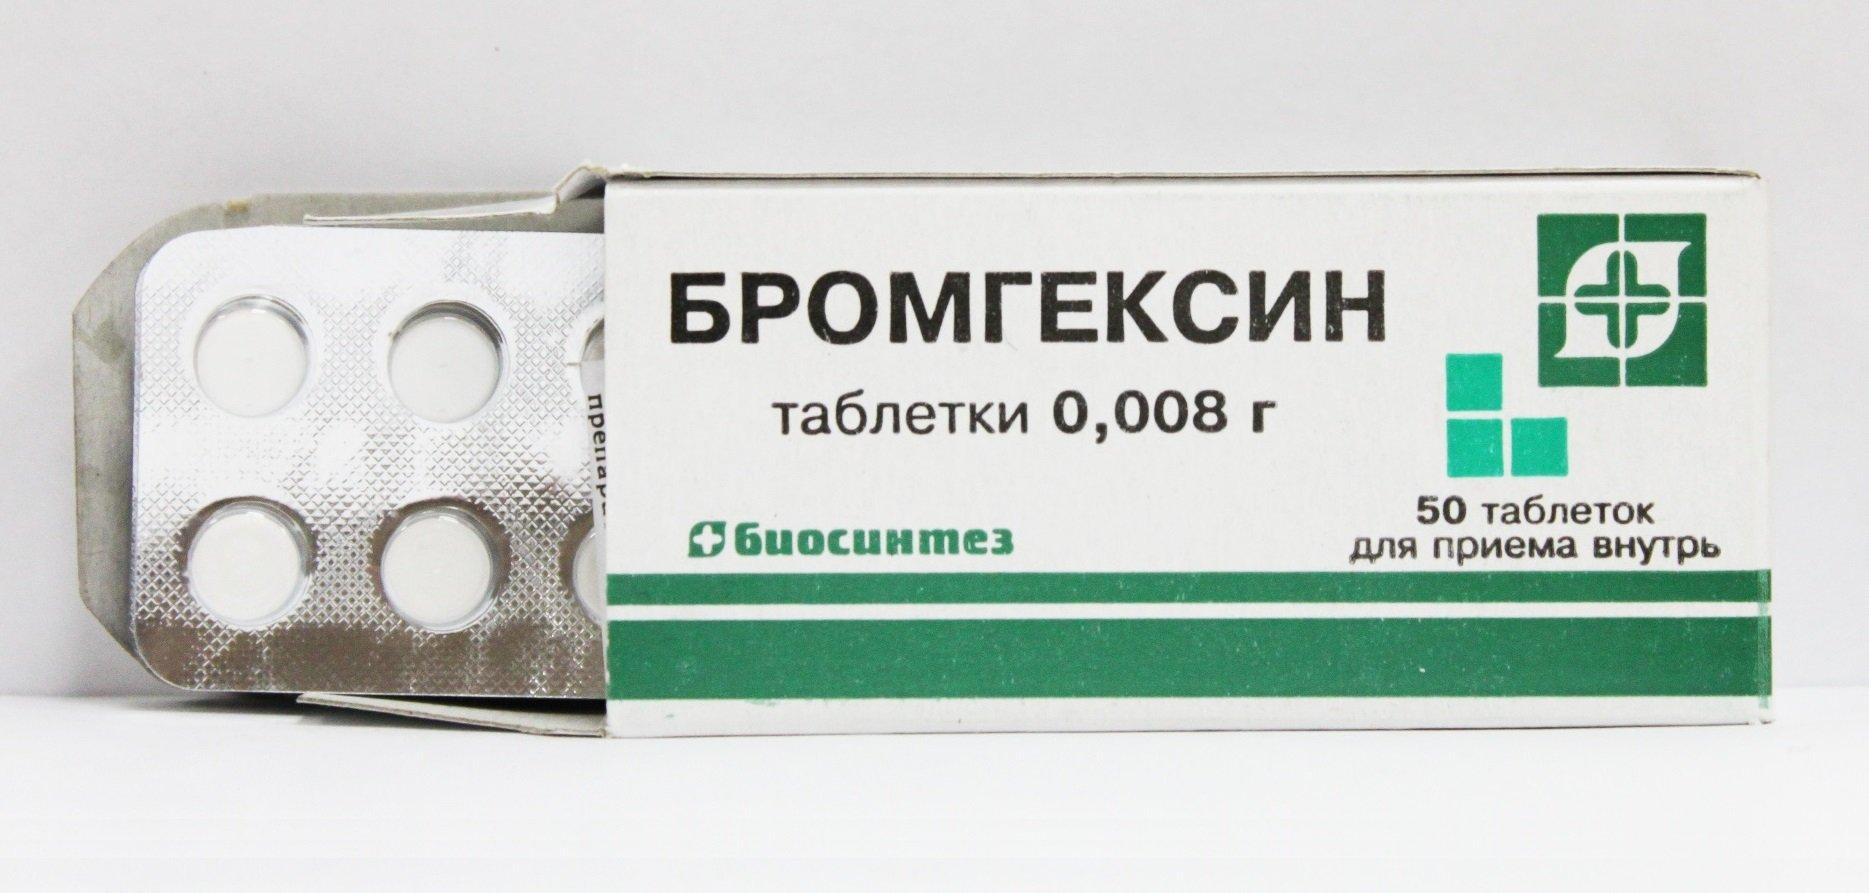 Бромгексин при беременности — рекомендации по использованию и противопоказания